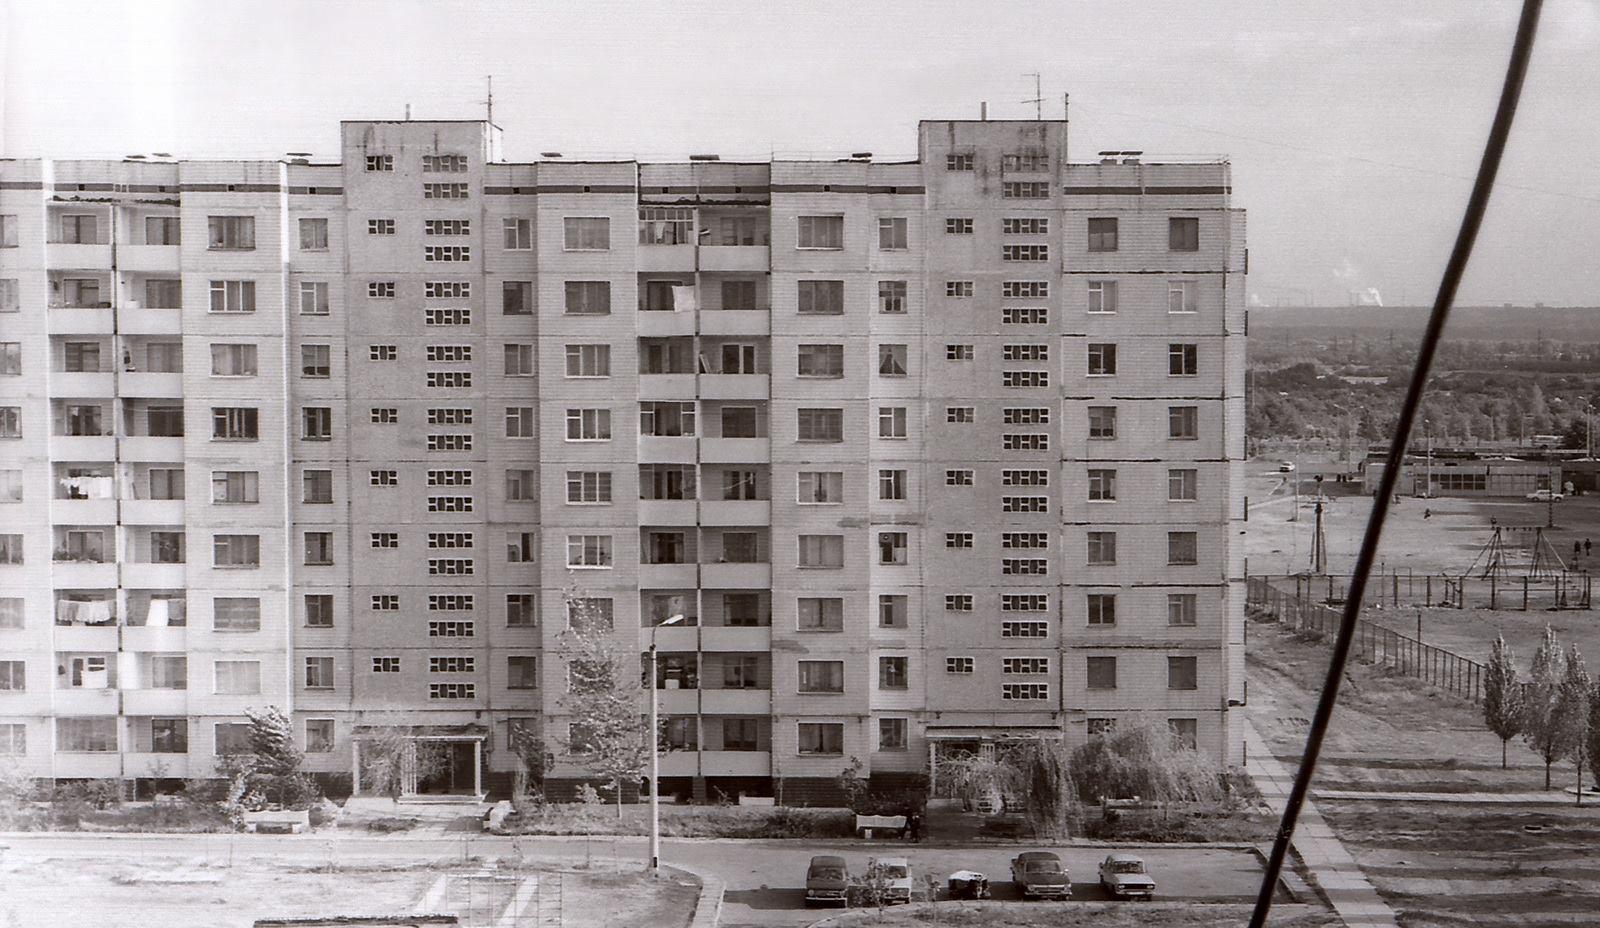 dneprodzerzhinsk-leviy-bereg-intim-uslugi